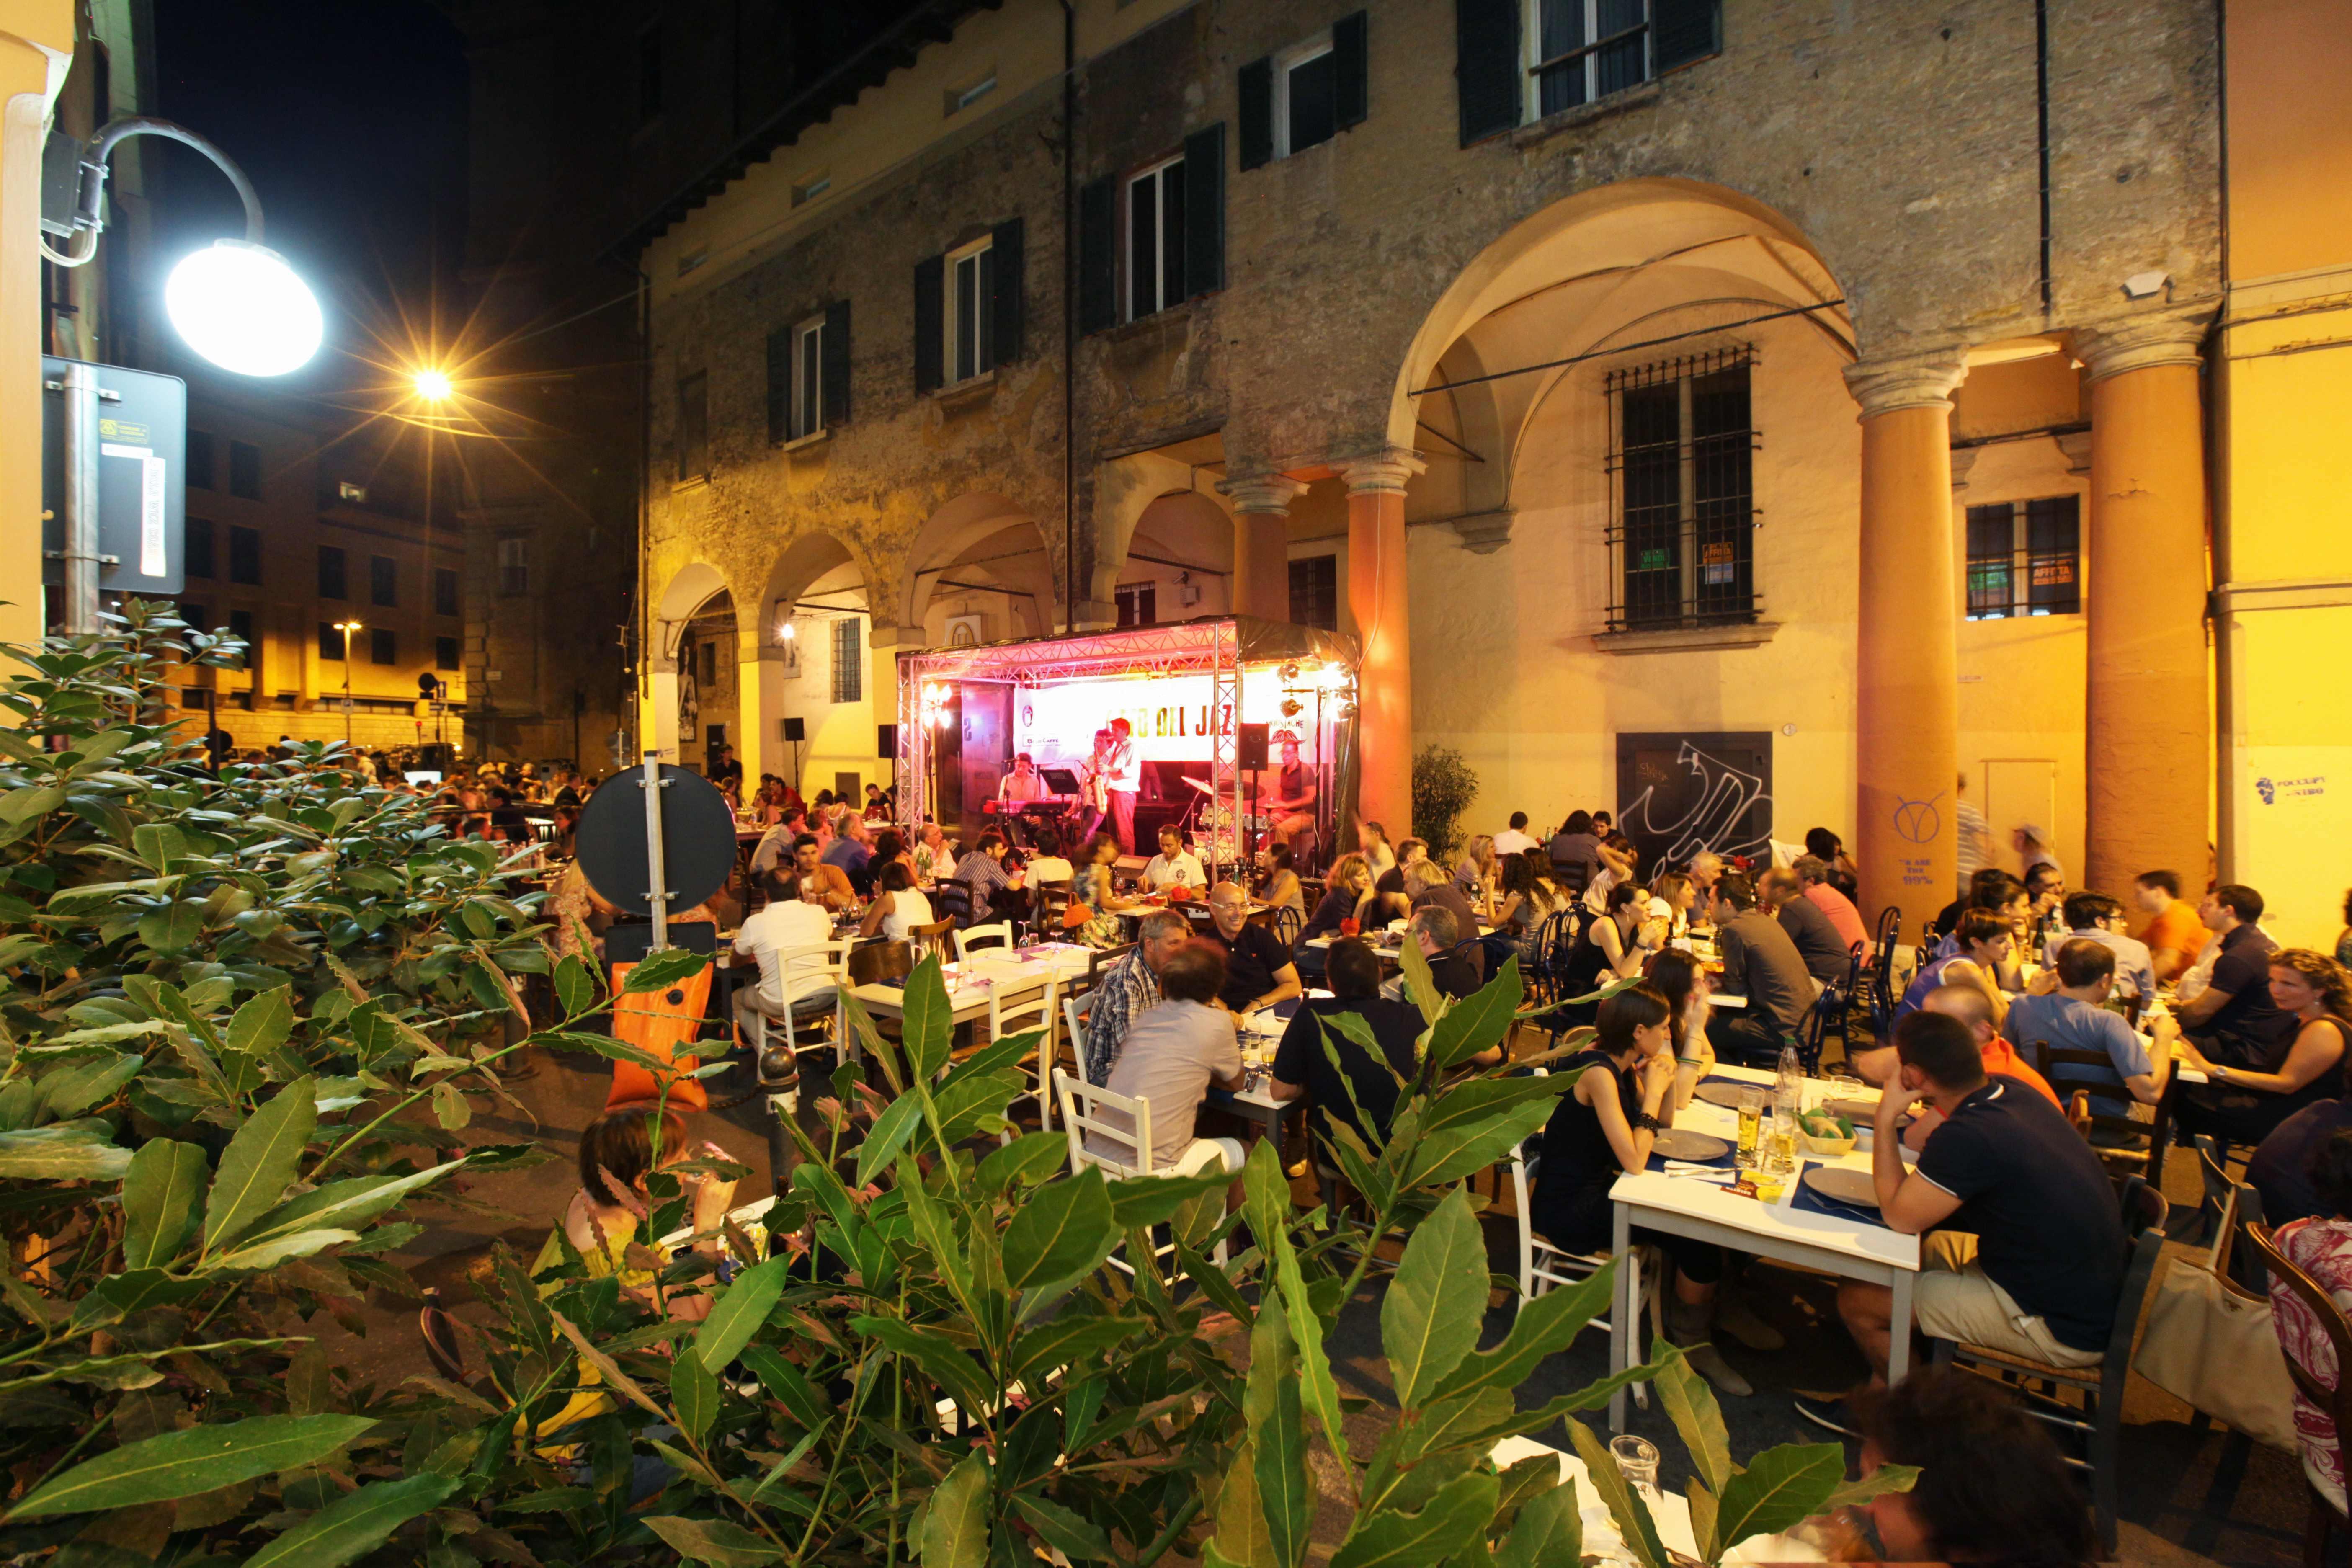 parkingo bologna recensioni ristoranti - photo#17